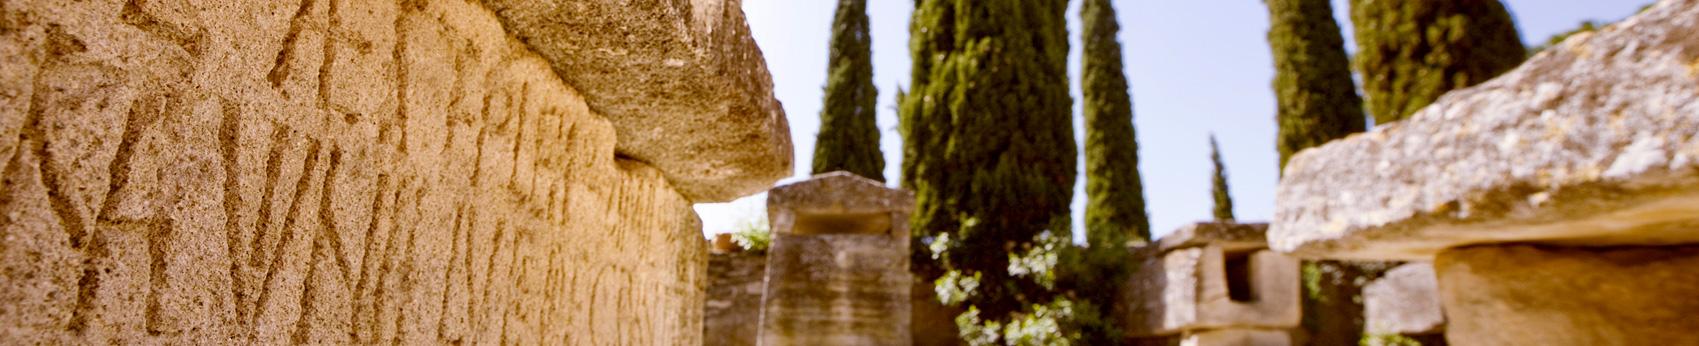 abbaye-saint-andre-slide